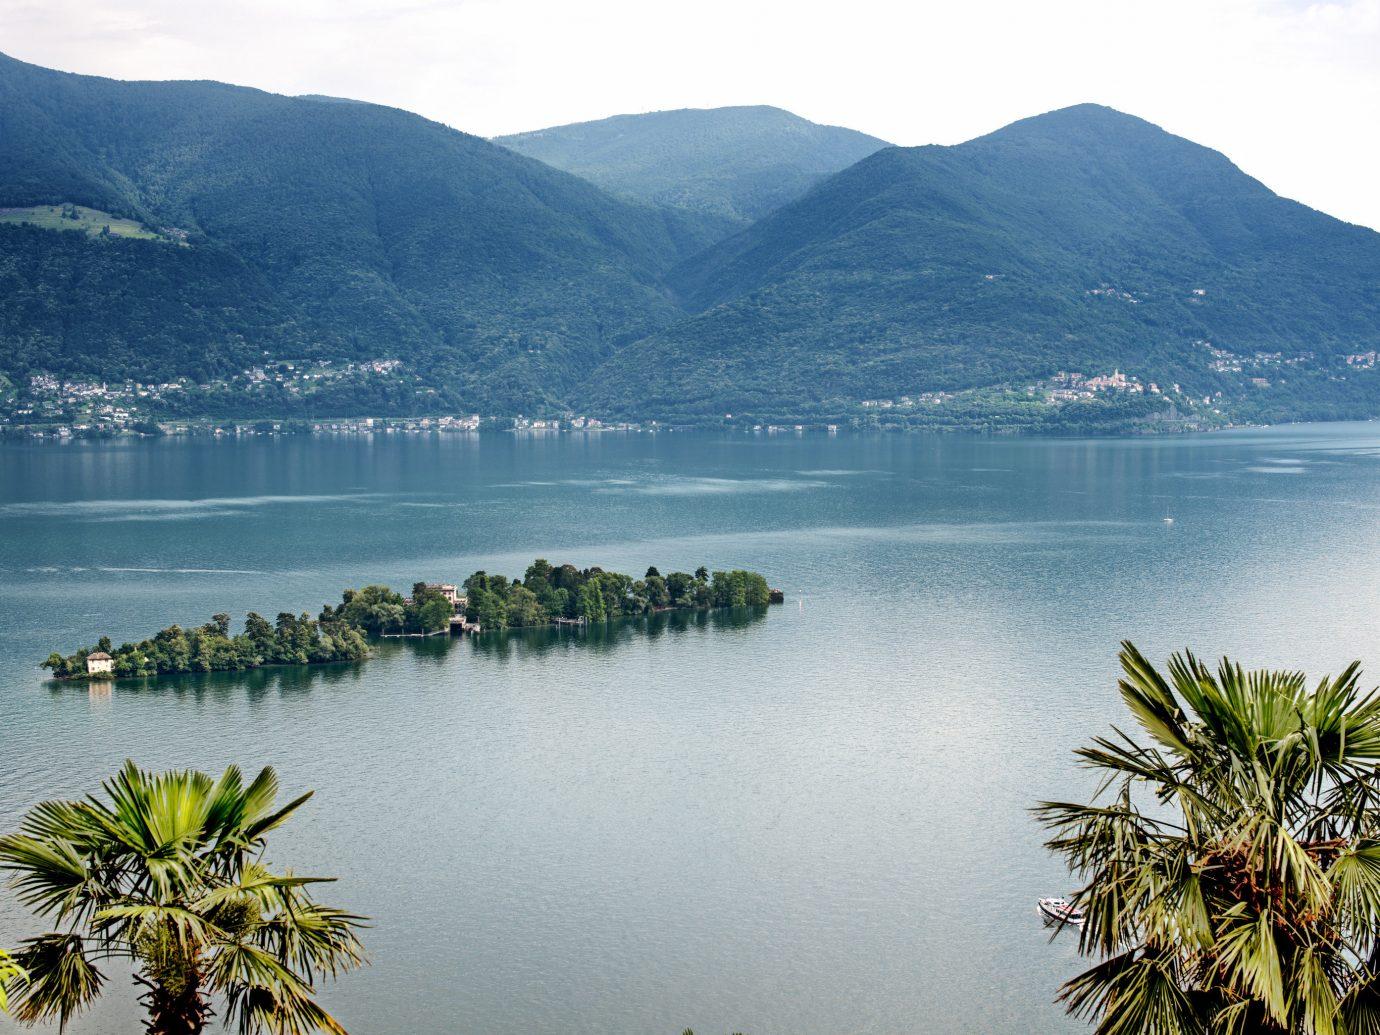 overview of Brissago Islands in Lake Maggiore